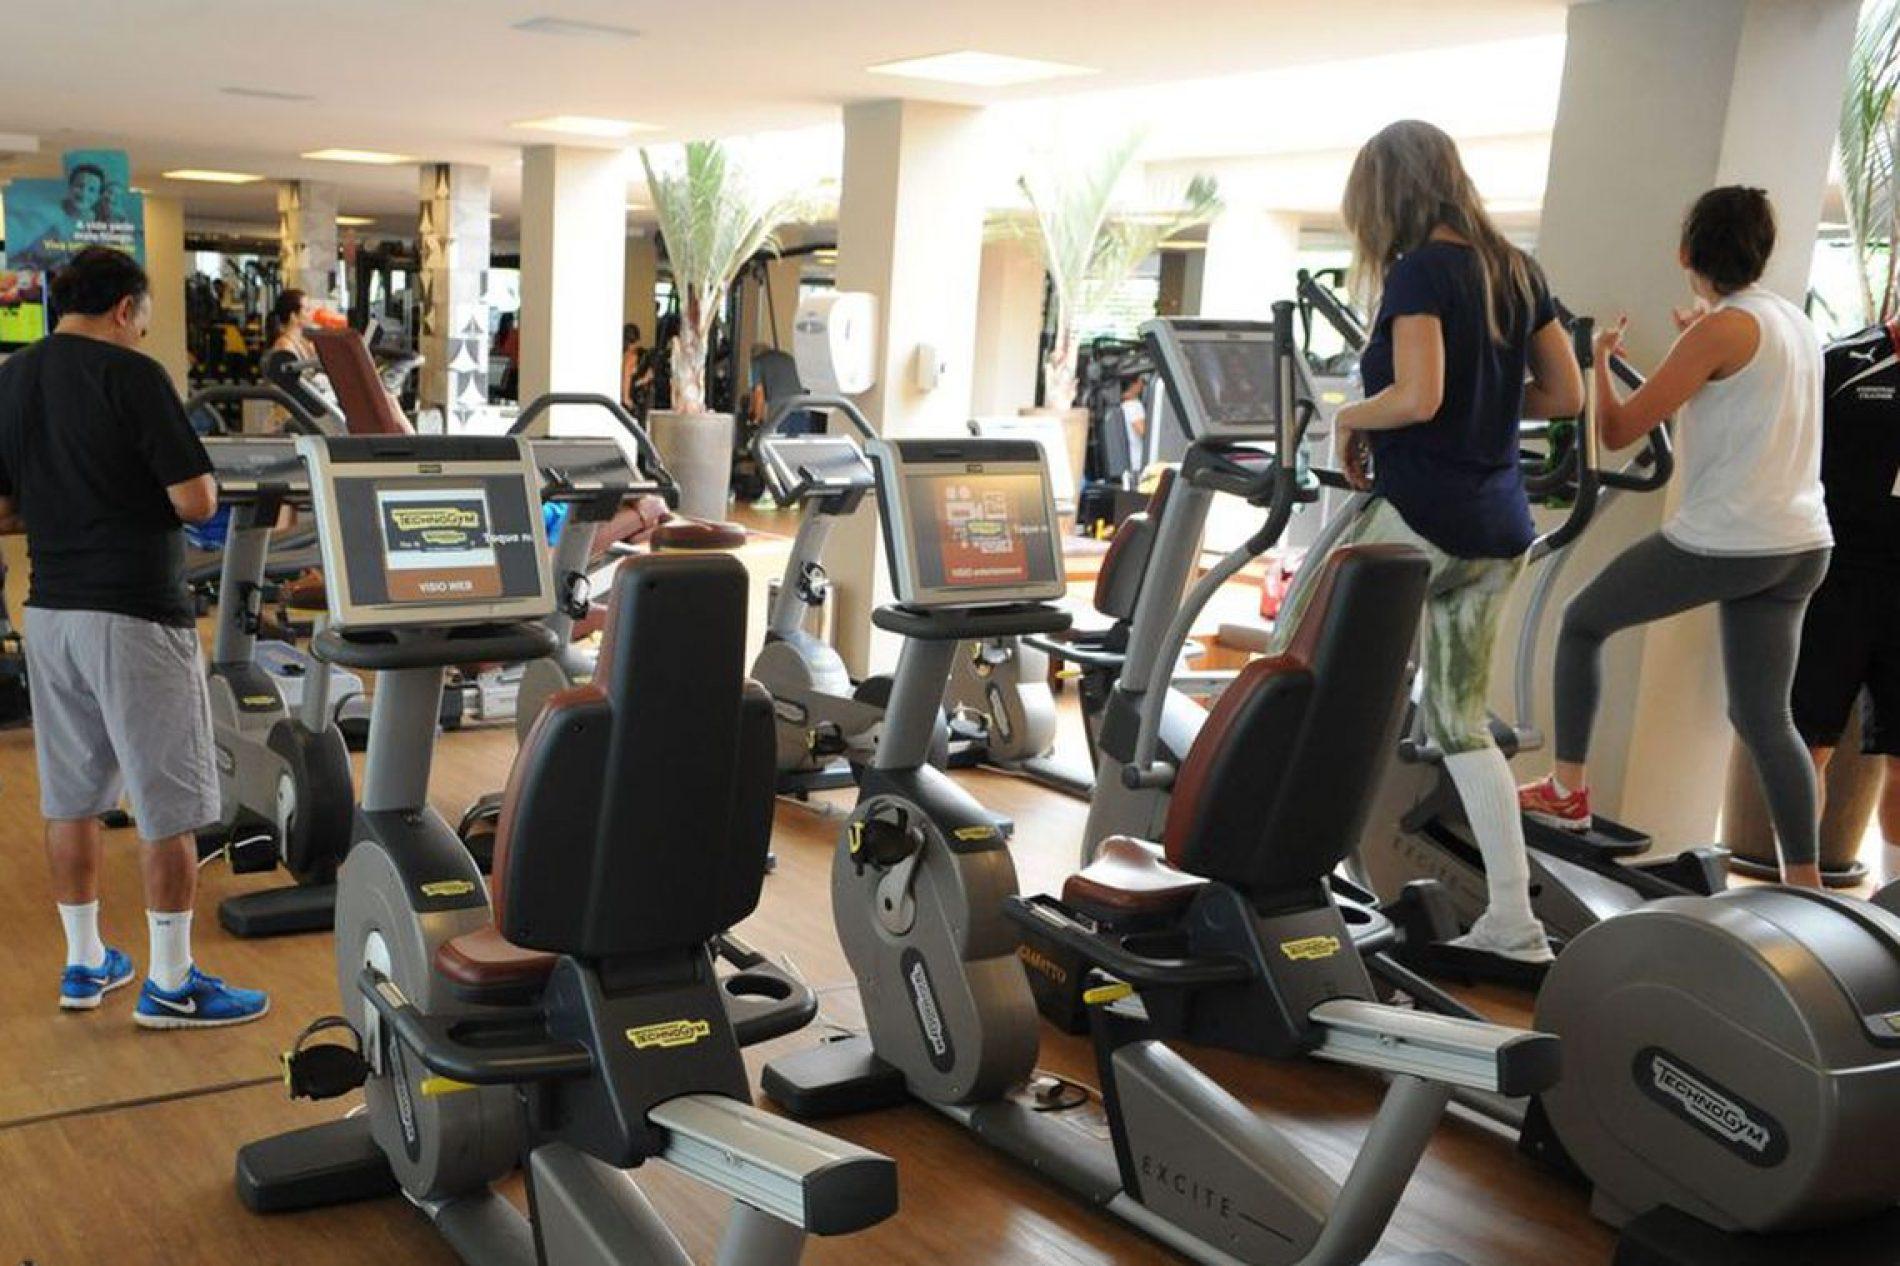 Excesso de exercícios leva a alterações negativas em órgãos vitais